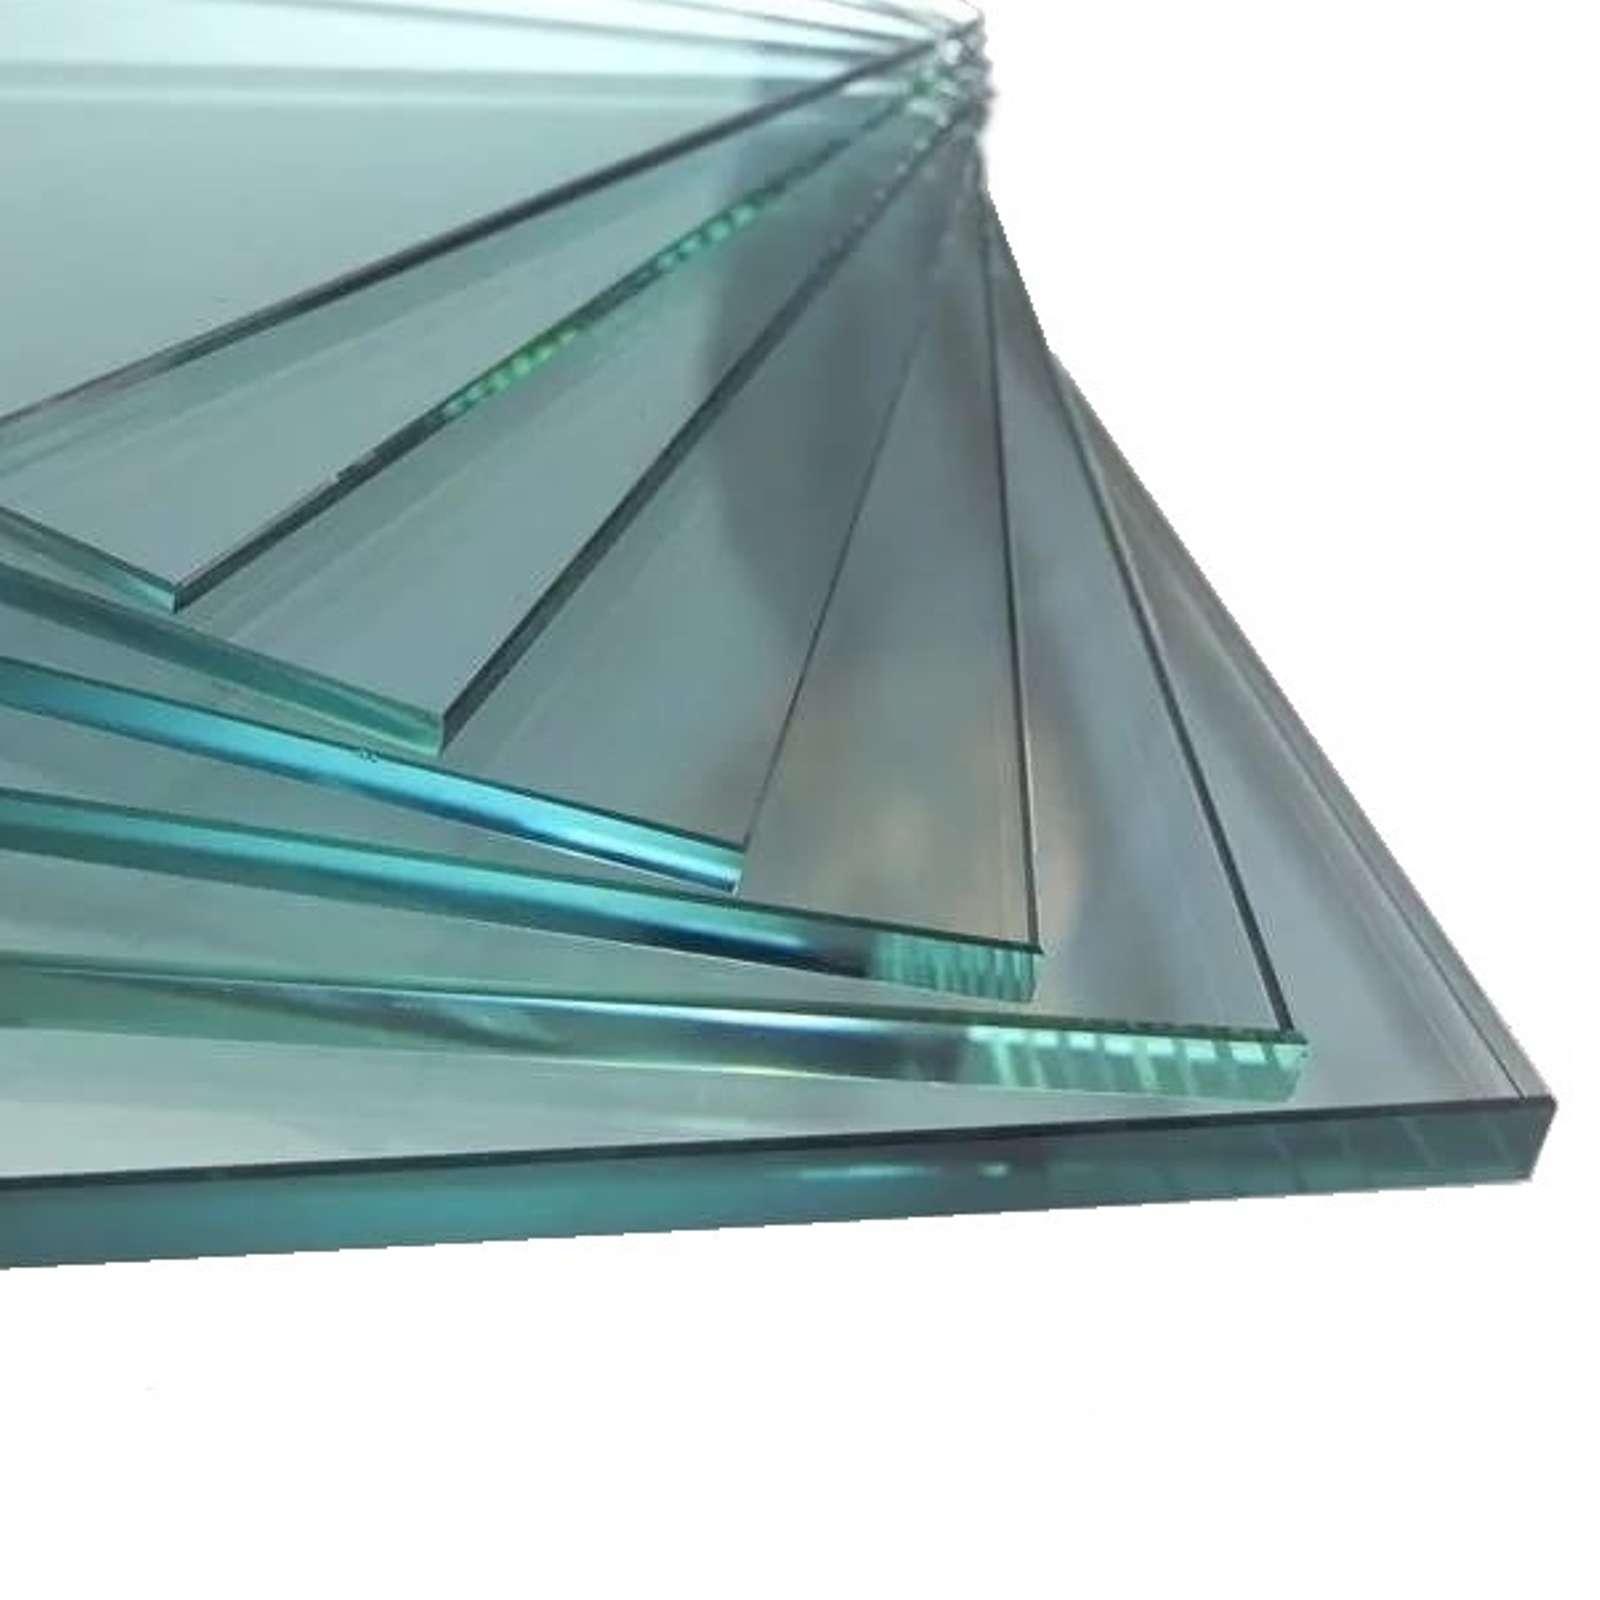 Комплект стекол для теплицы для АСГ-26 АгриСовГаз